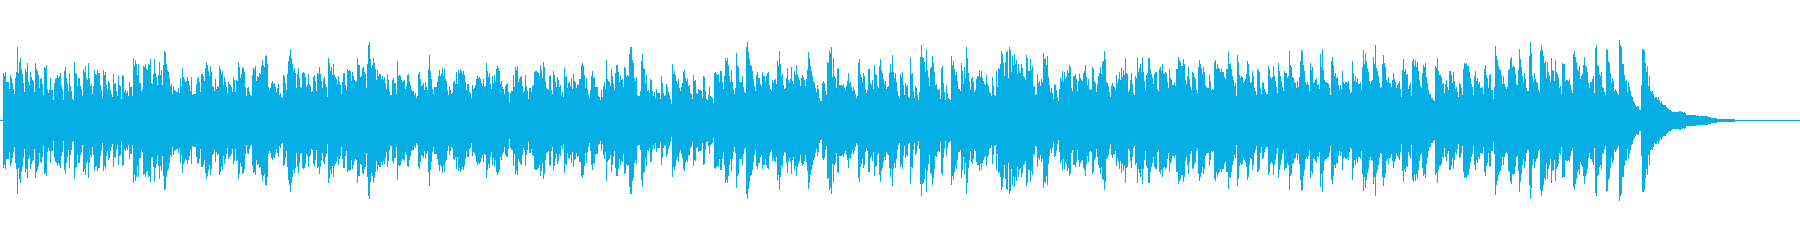 バッハ チェンバロ パルティータ1-1 の再生済みの波形